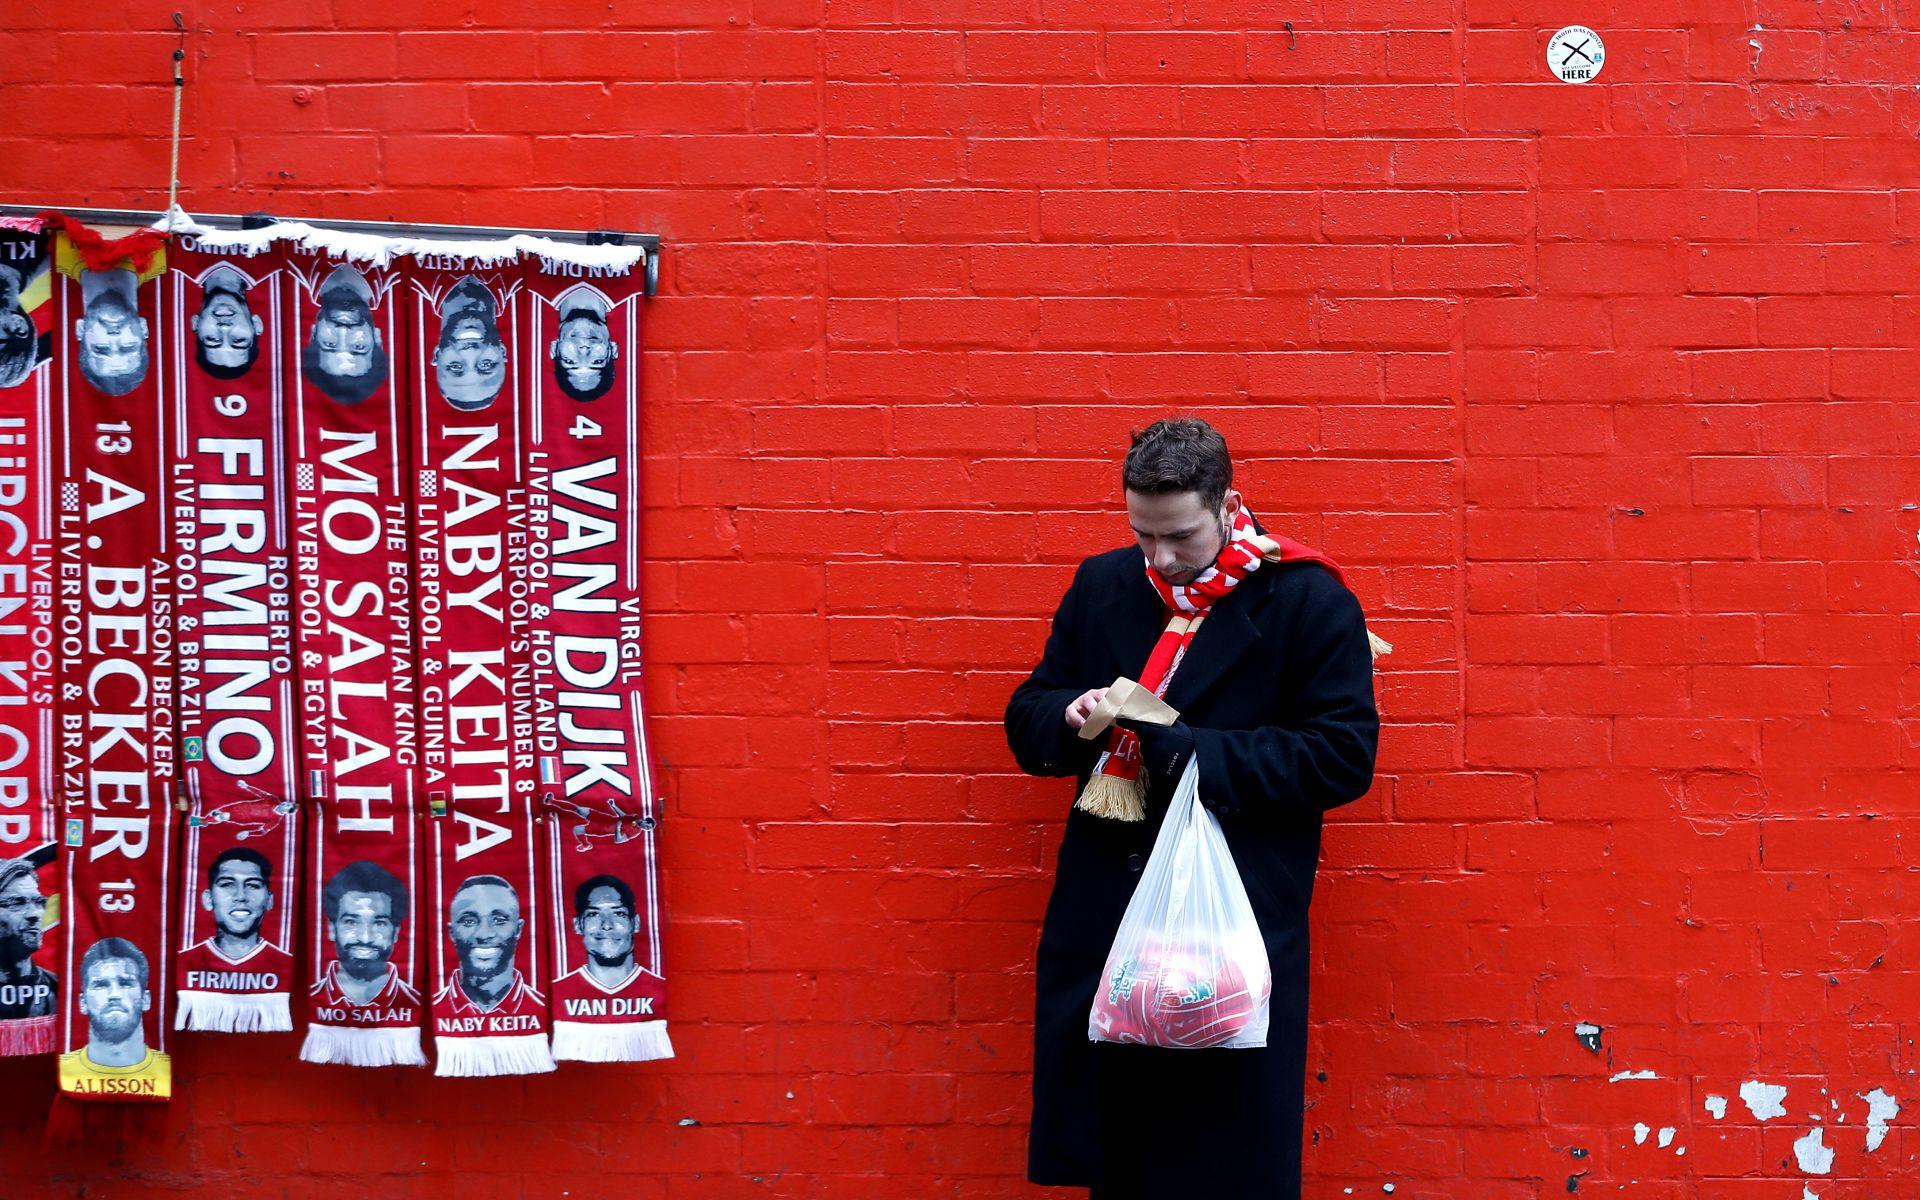 Liverpool Premier League title odds